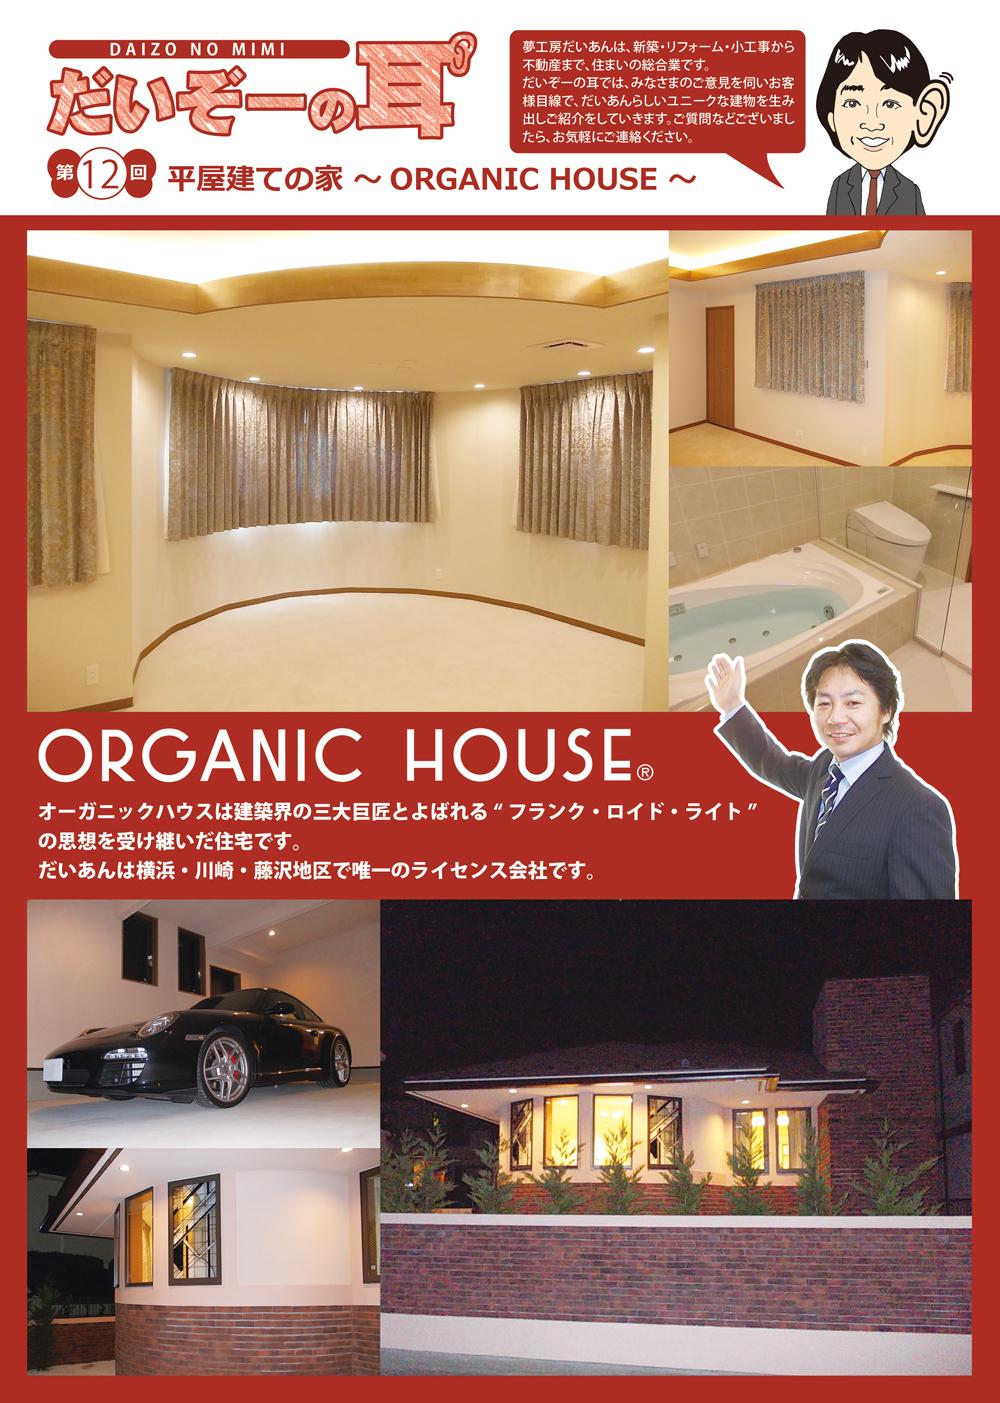 だいぞーの耳【第12回 平屋建ての家 ~ORGANIC HOUSE~編】